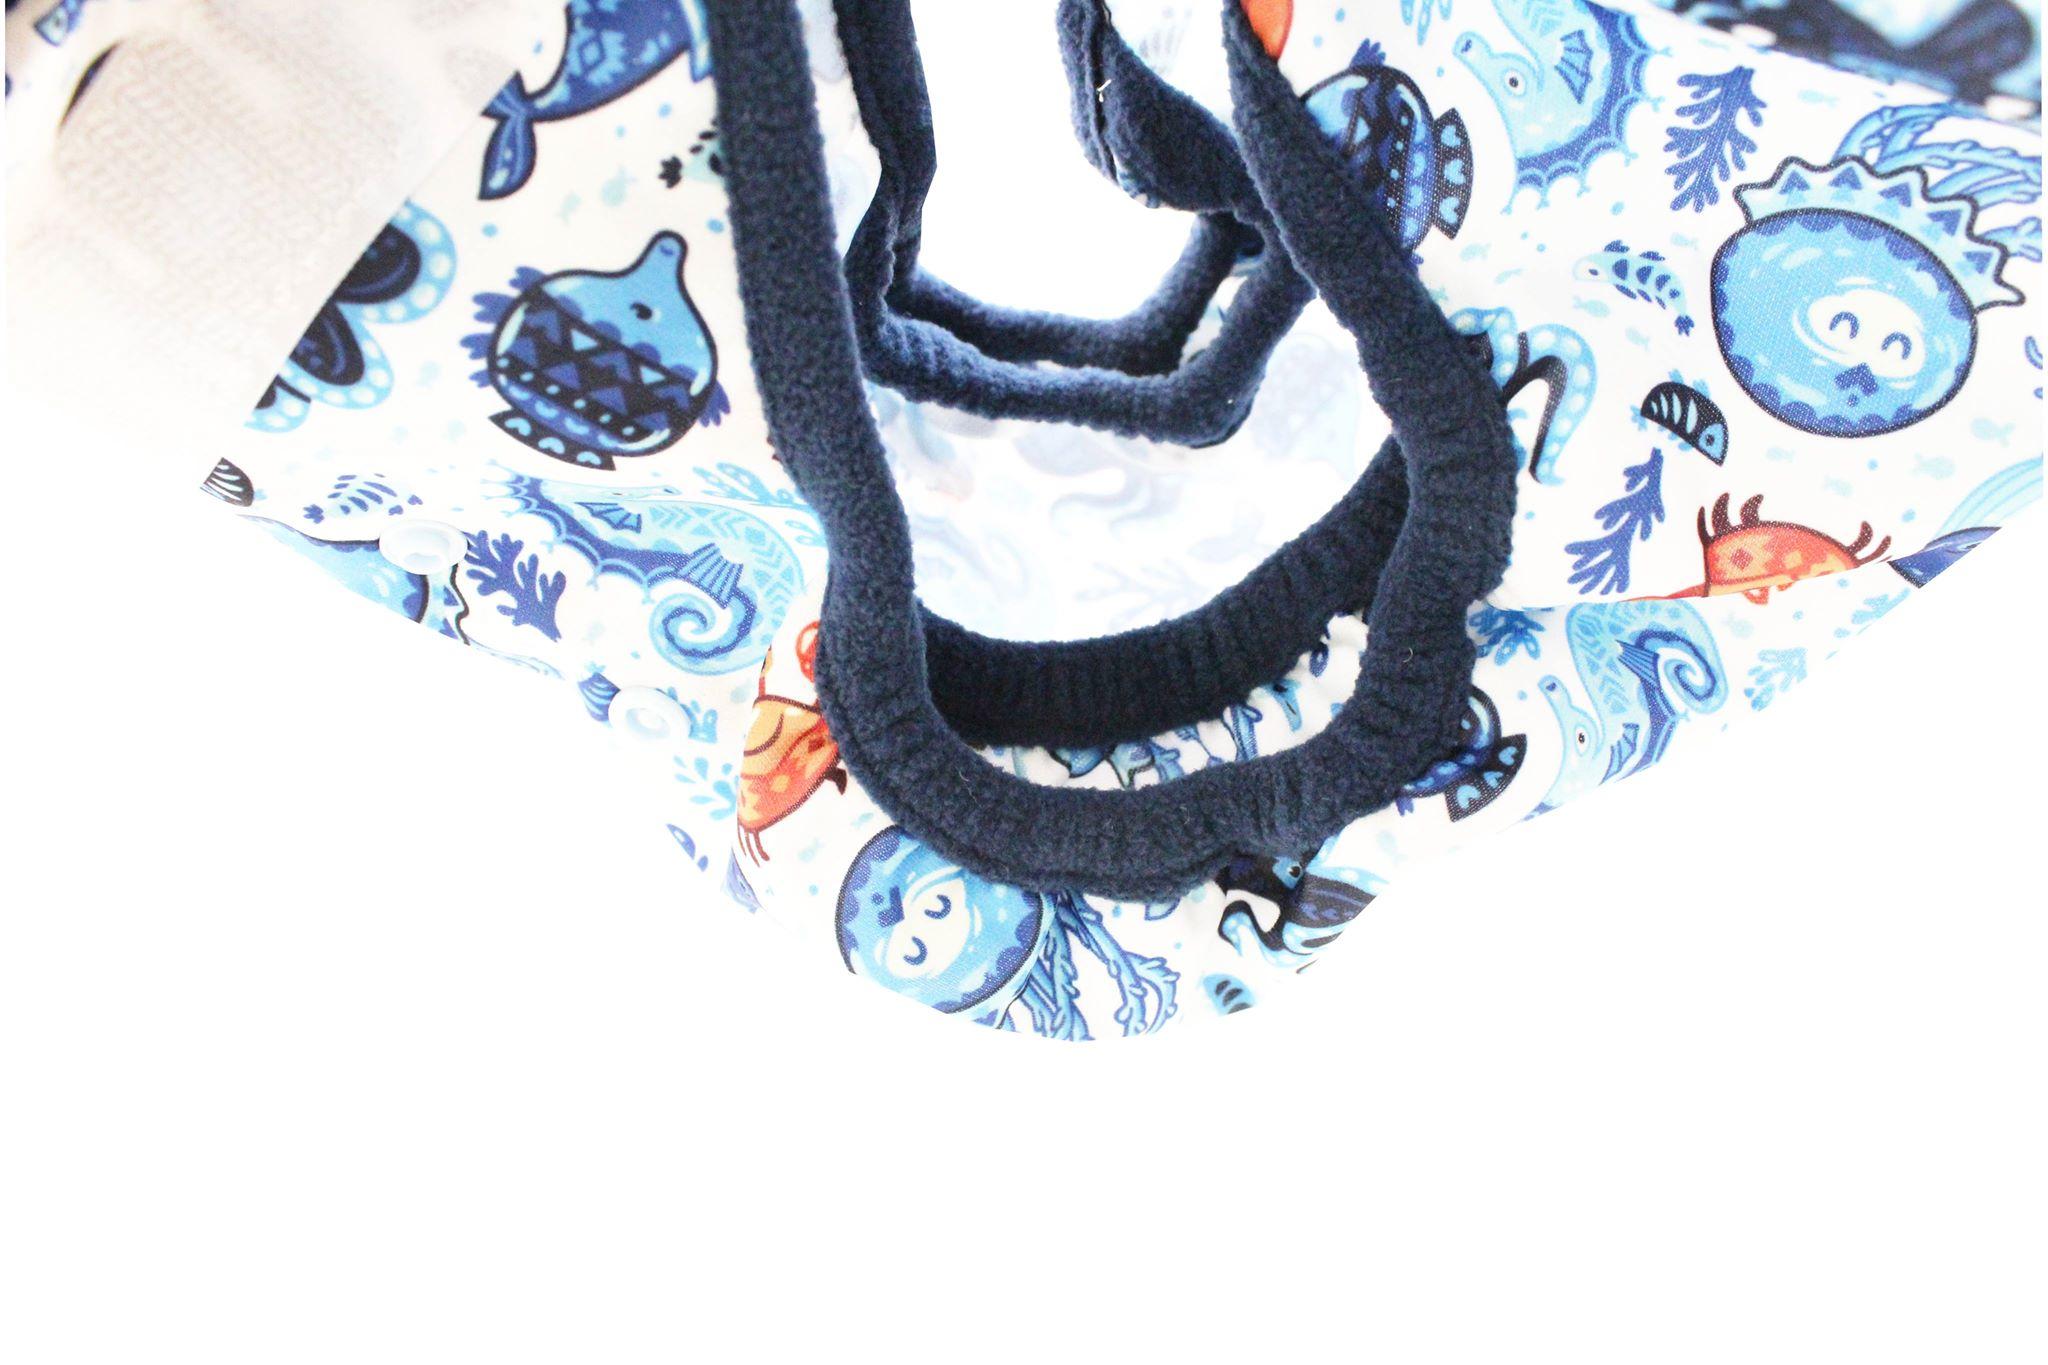 Svrchní kalhotky z PULu - Lemované fleecem, novorozenecké, na suchý zip, s křidélky